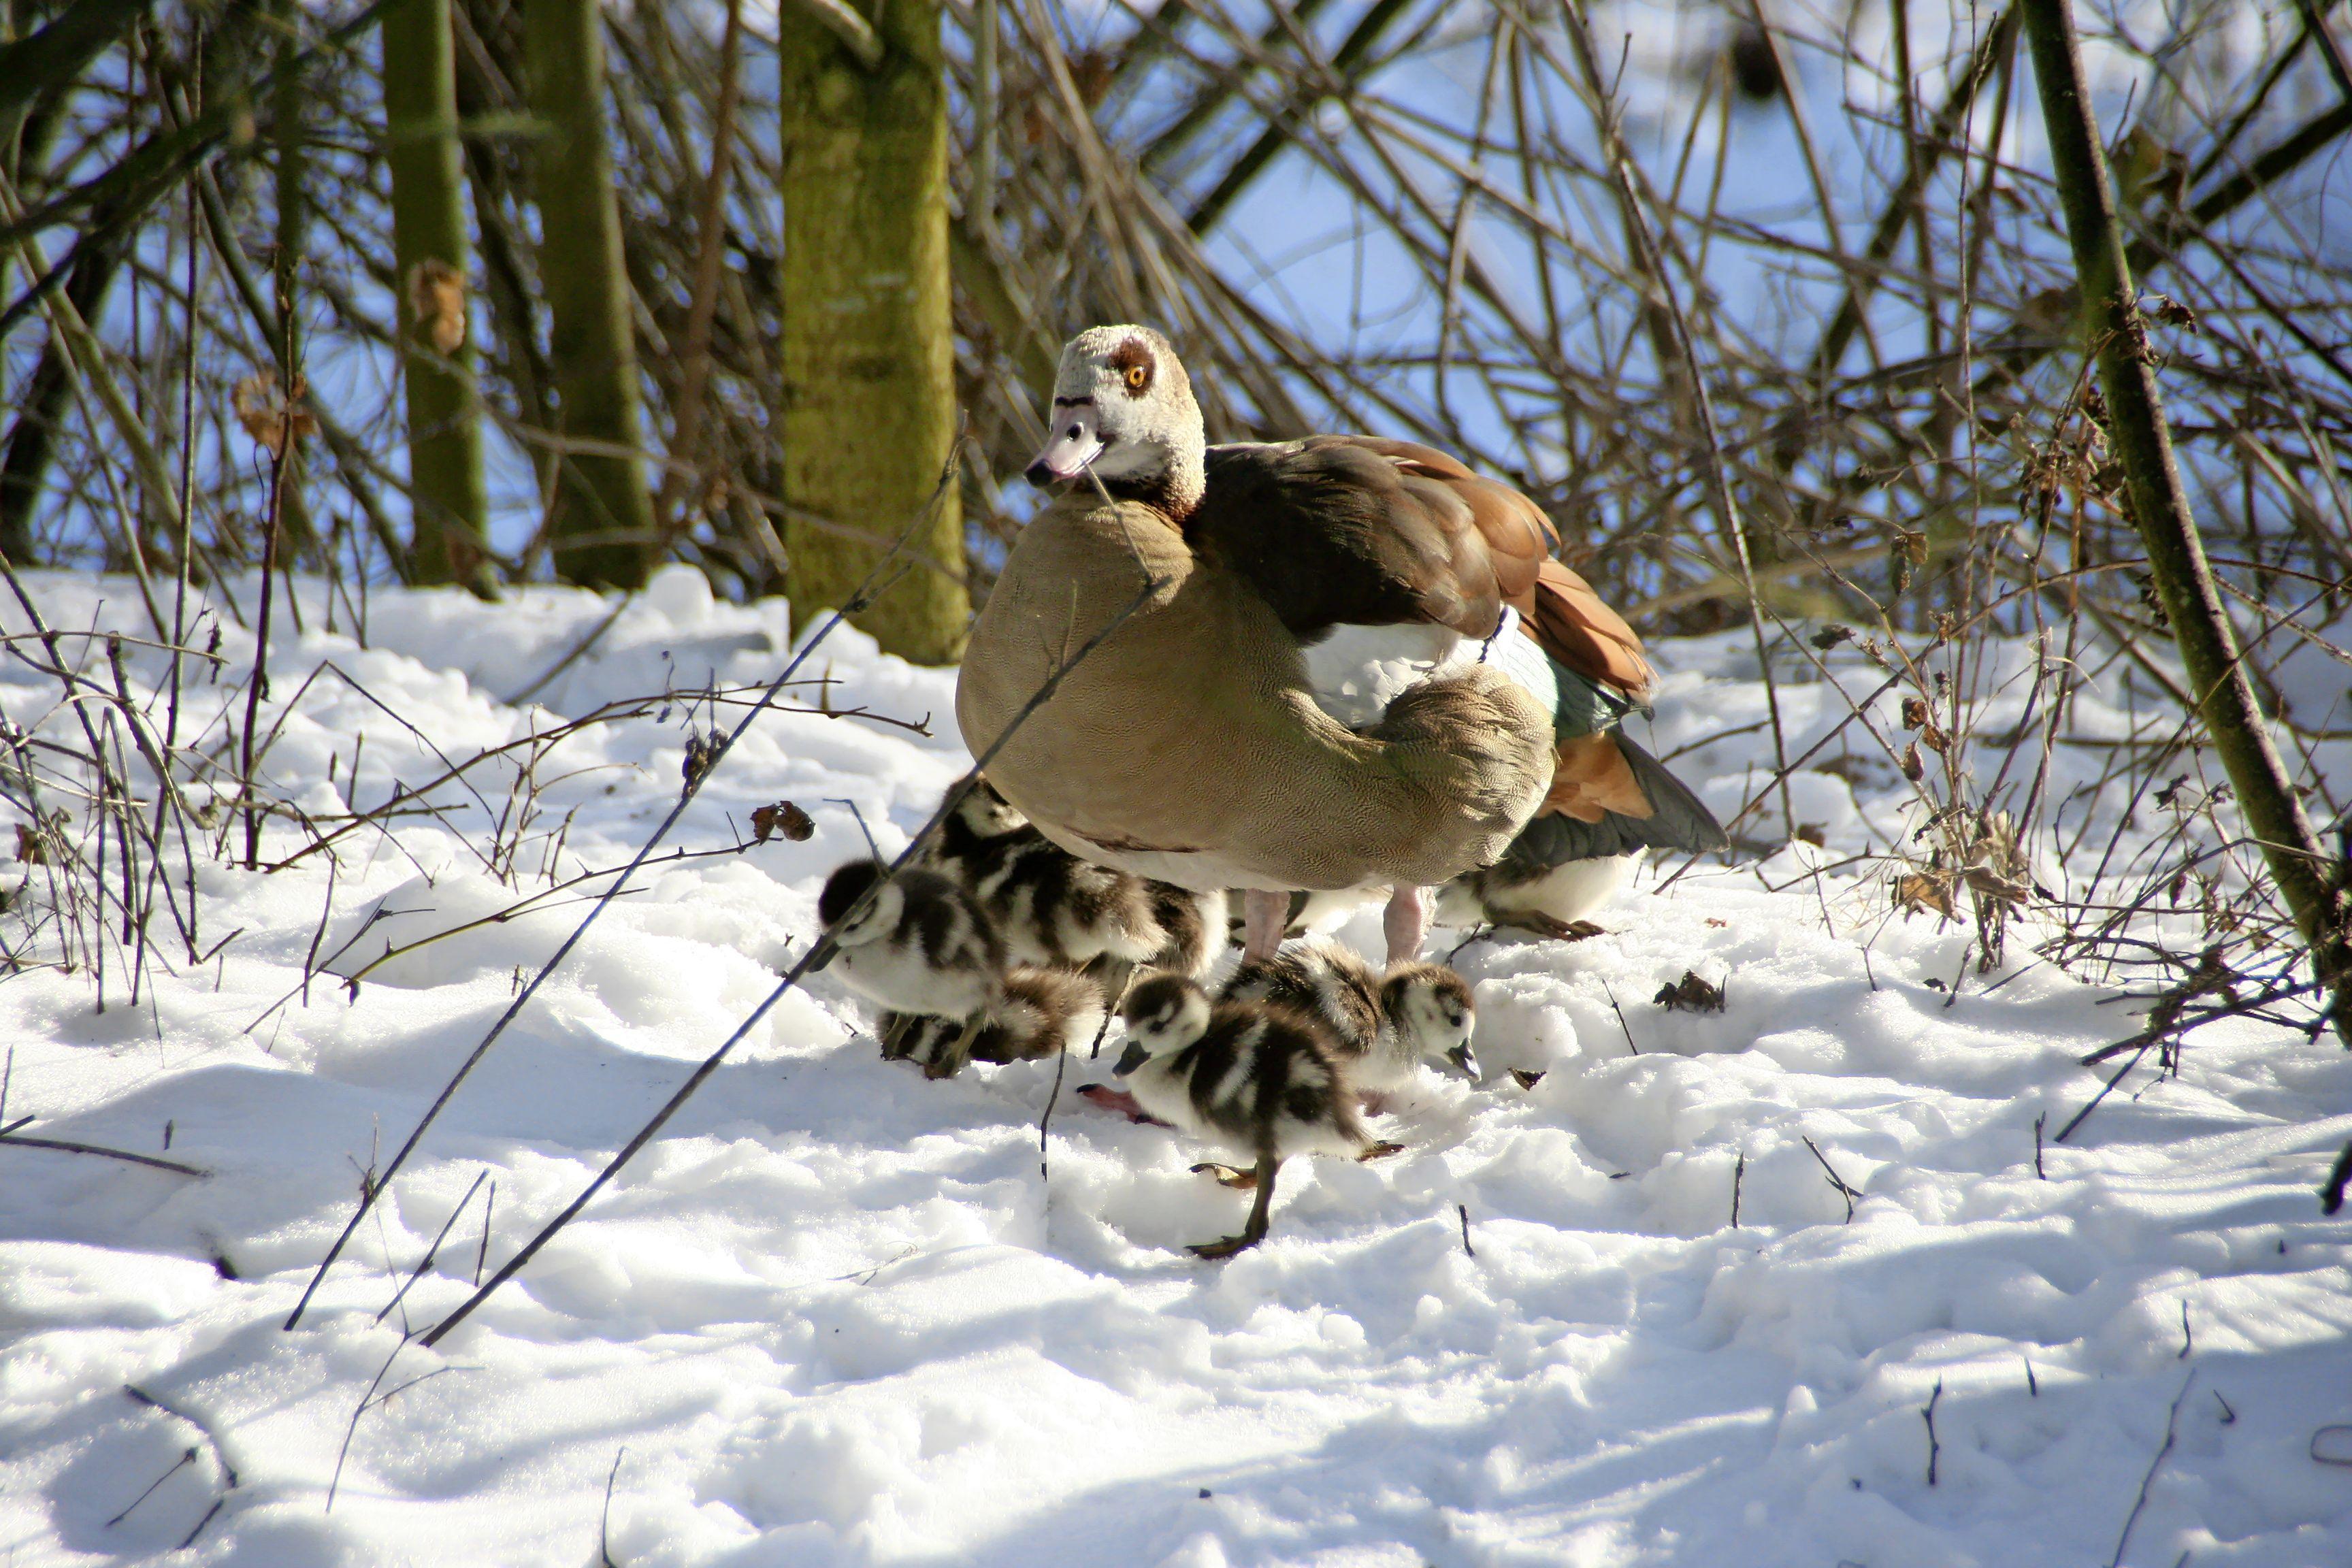 Moeder de gans is er in Noordwijk erg vroeg bij: negen kuikens geboren in de sneeuw